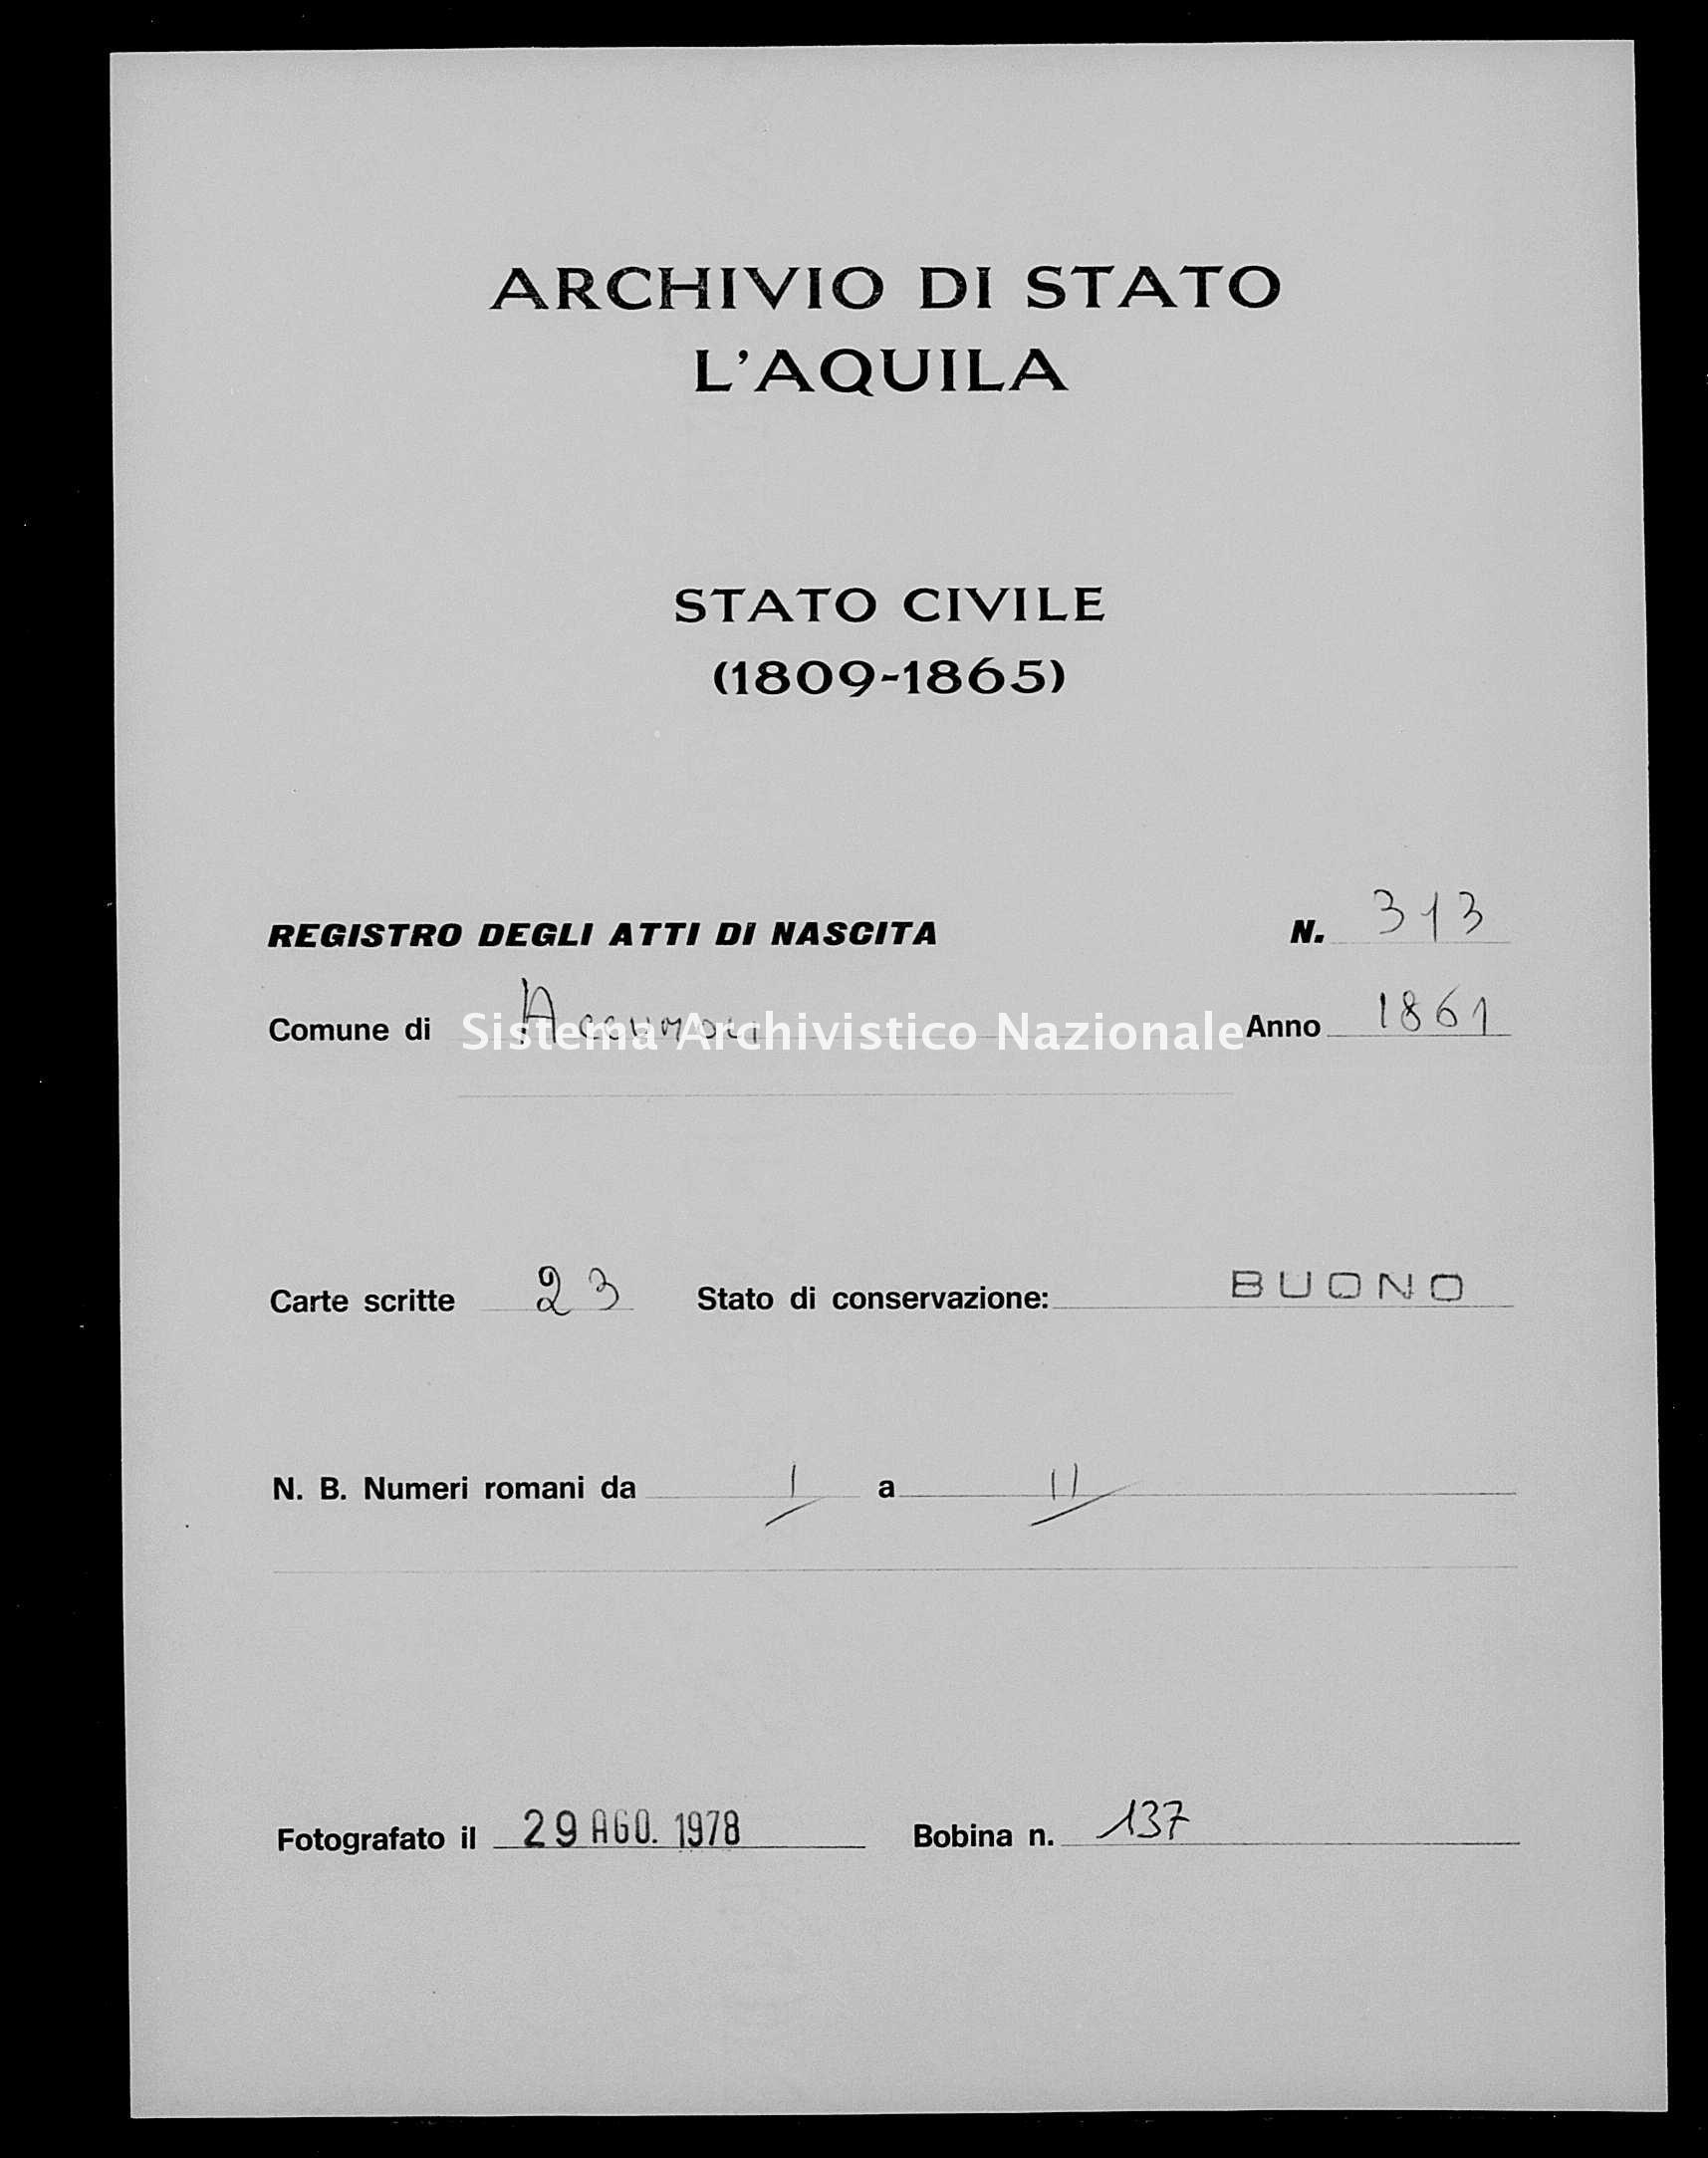 Archivio di stato di L'aquila - Stato civile italiano - Accumoli - Nati - 1861 - 313 -